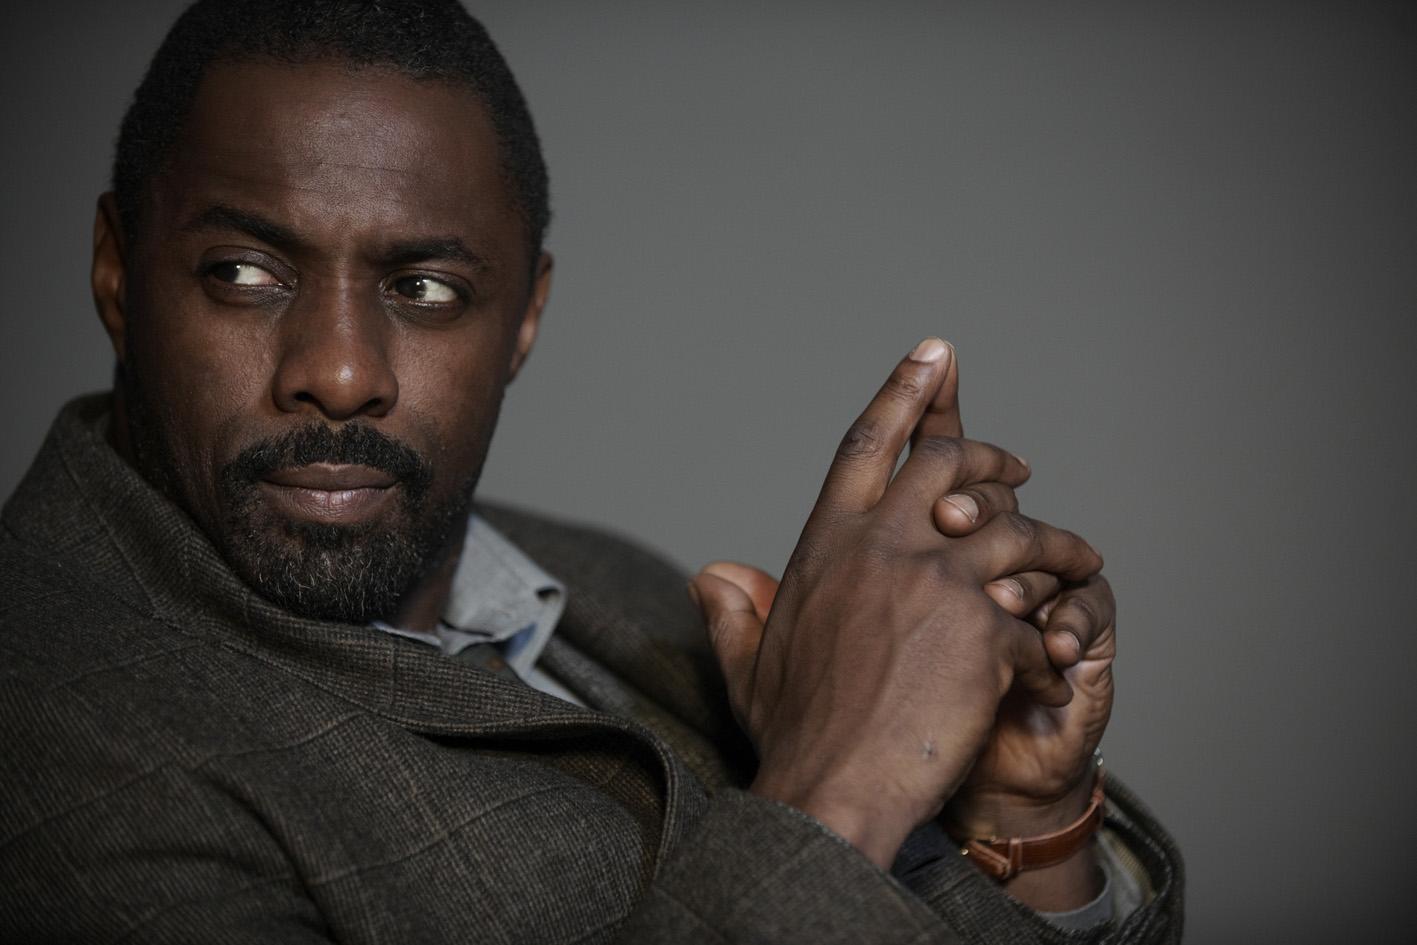 Idris Elba Backgrounds, Compatible - PC, Mobile, Gadgets| 1417x945 px